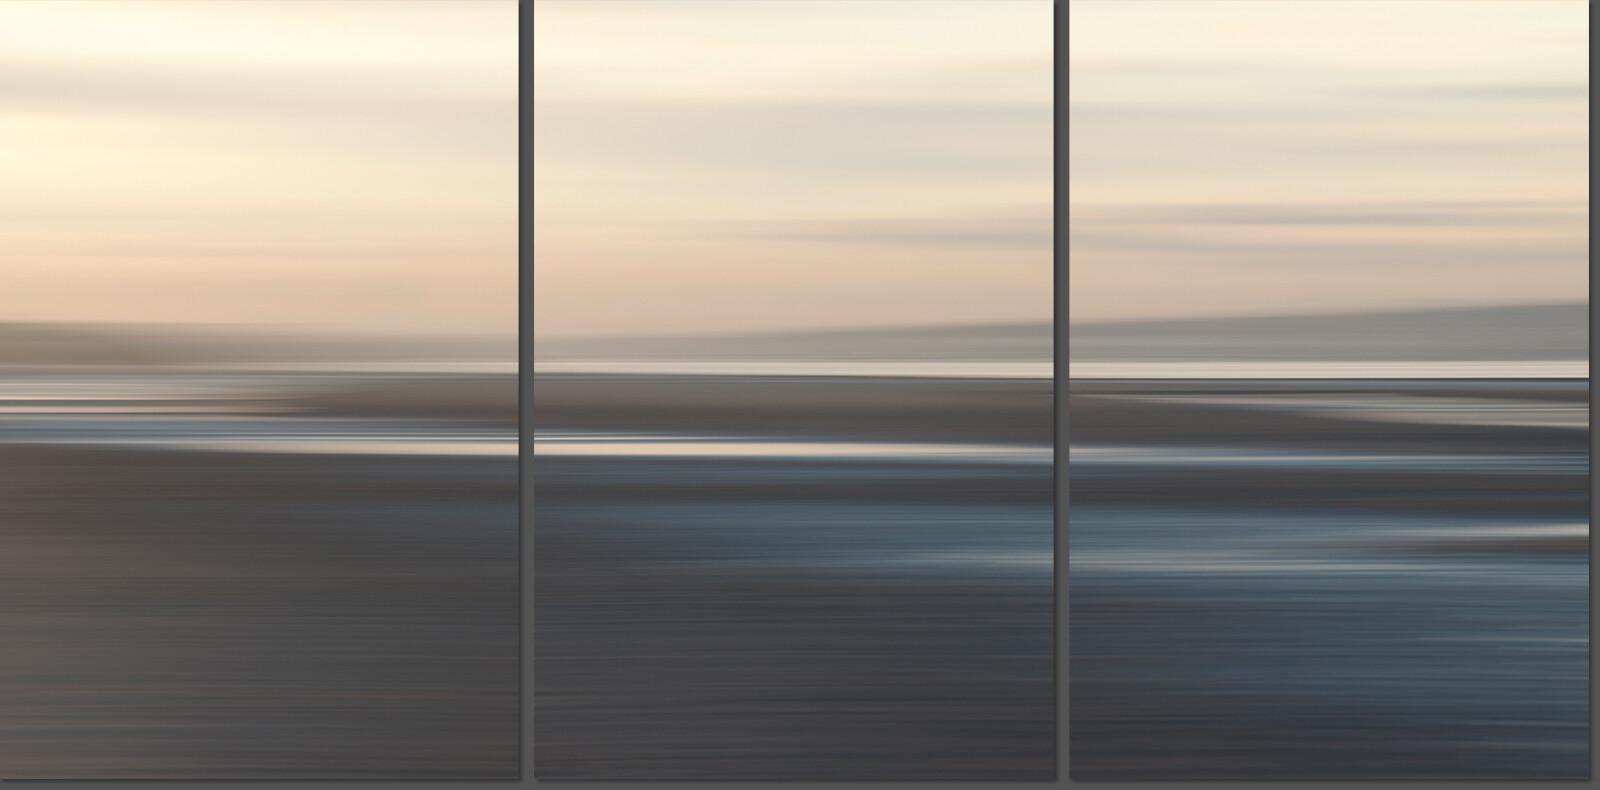 New Brighton - Josh Von Staudach